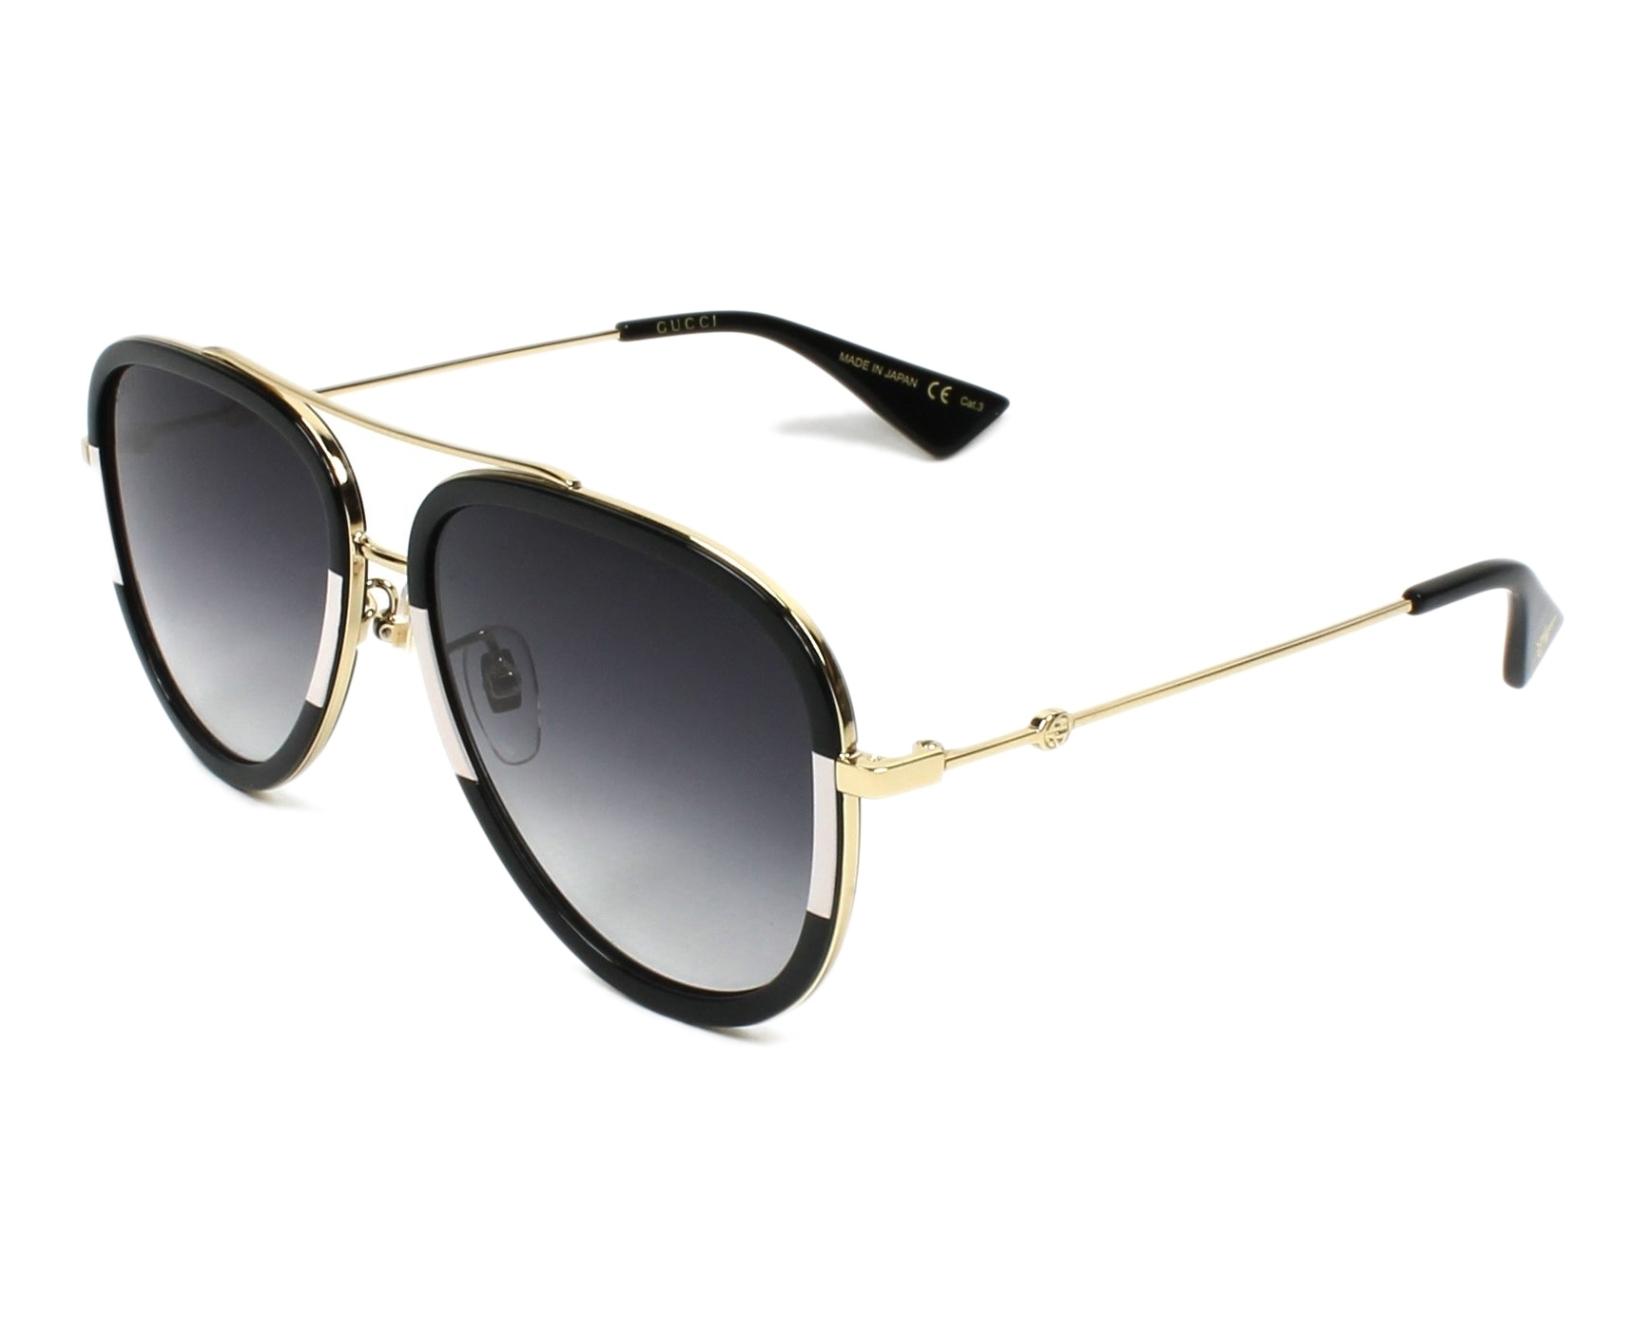 67bcf025a12 Gafas de sol Gucci GG-0062-S 006 - Negra Blanco vista de perfil